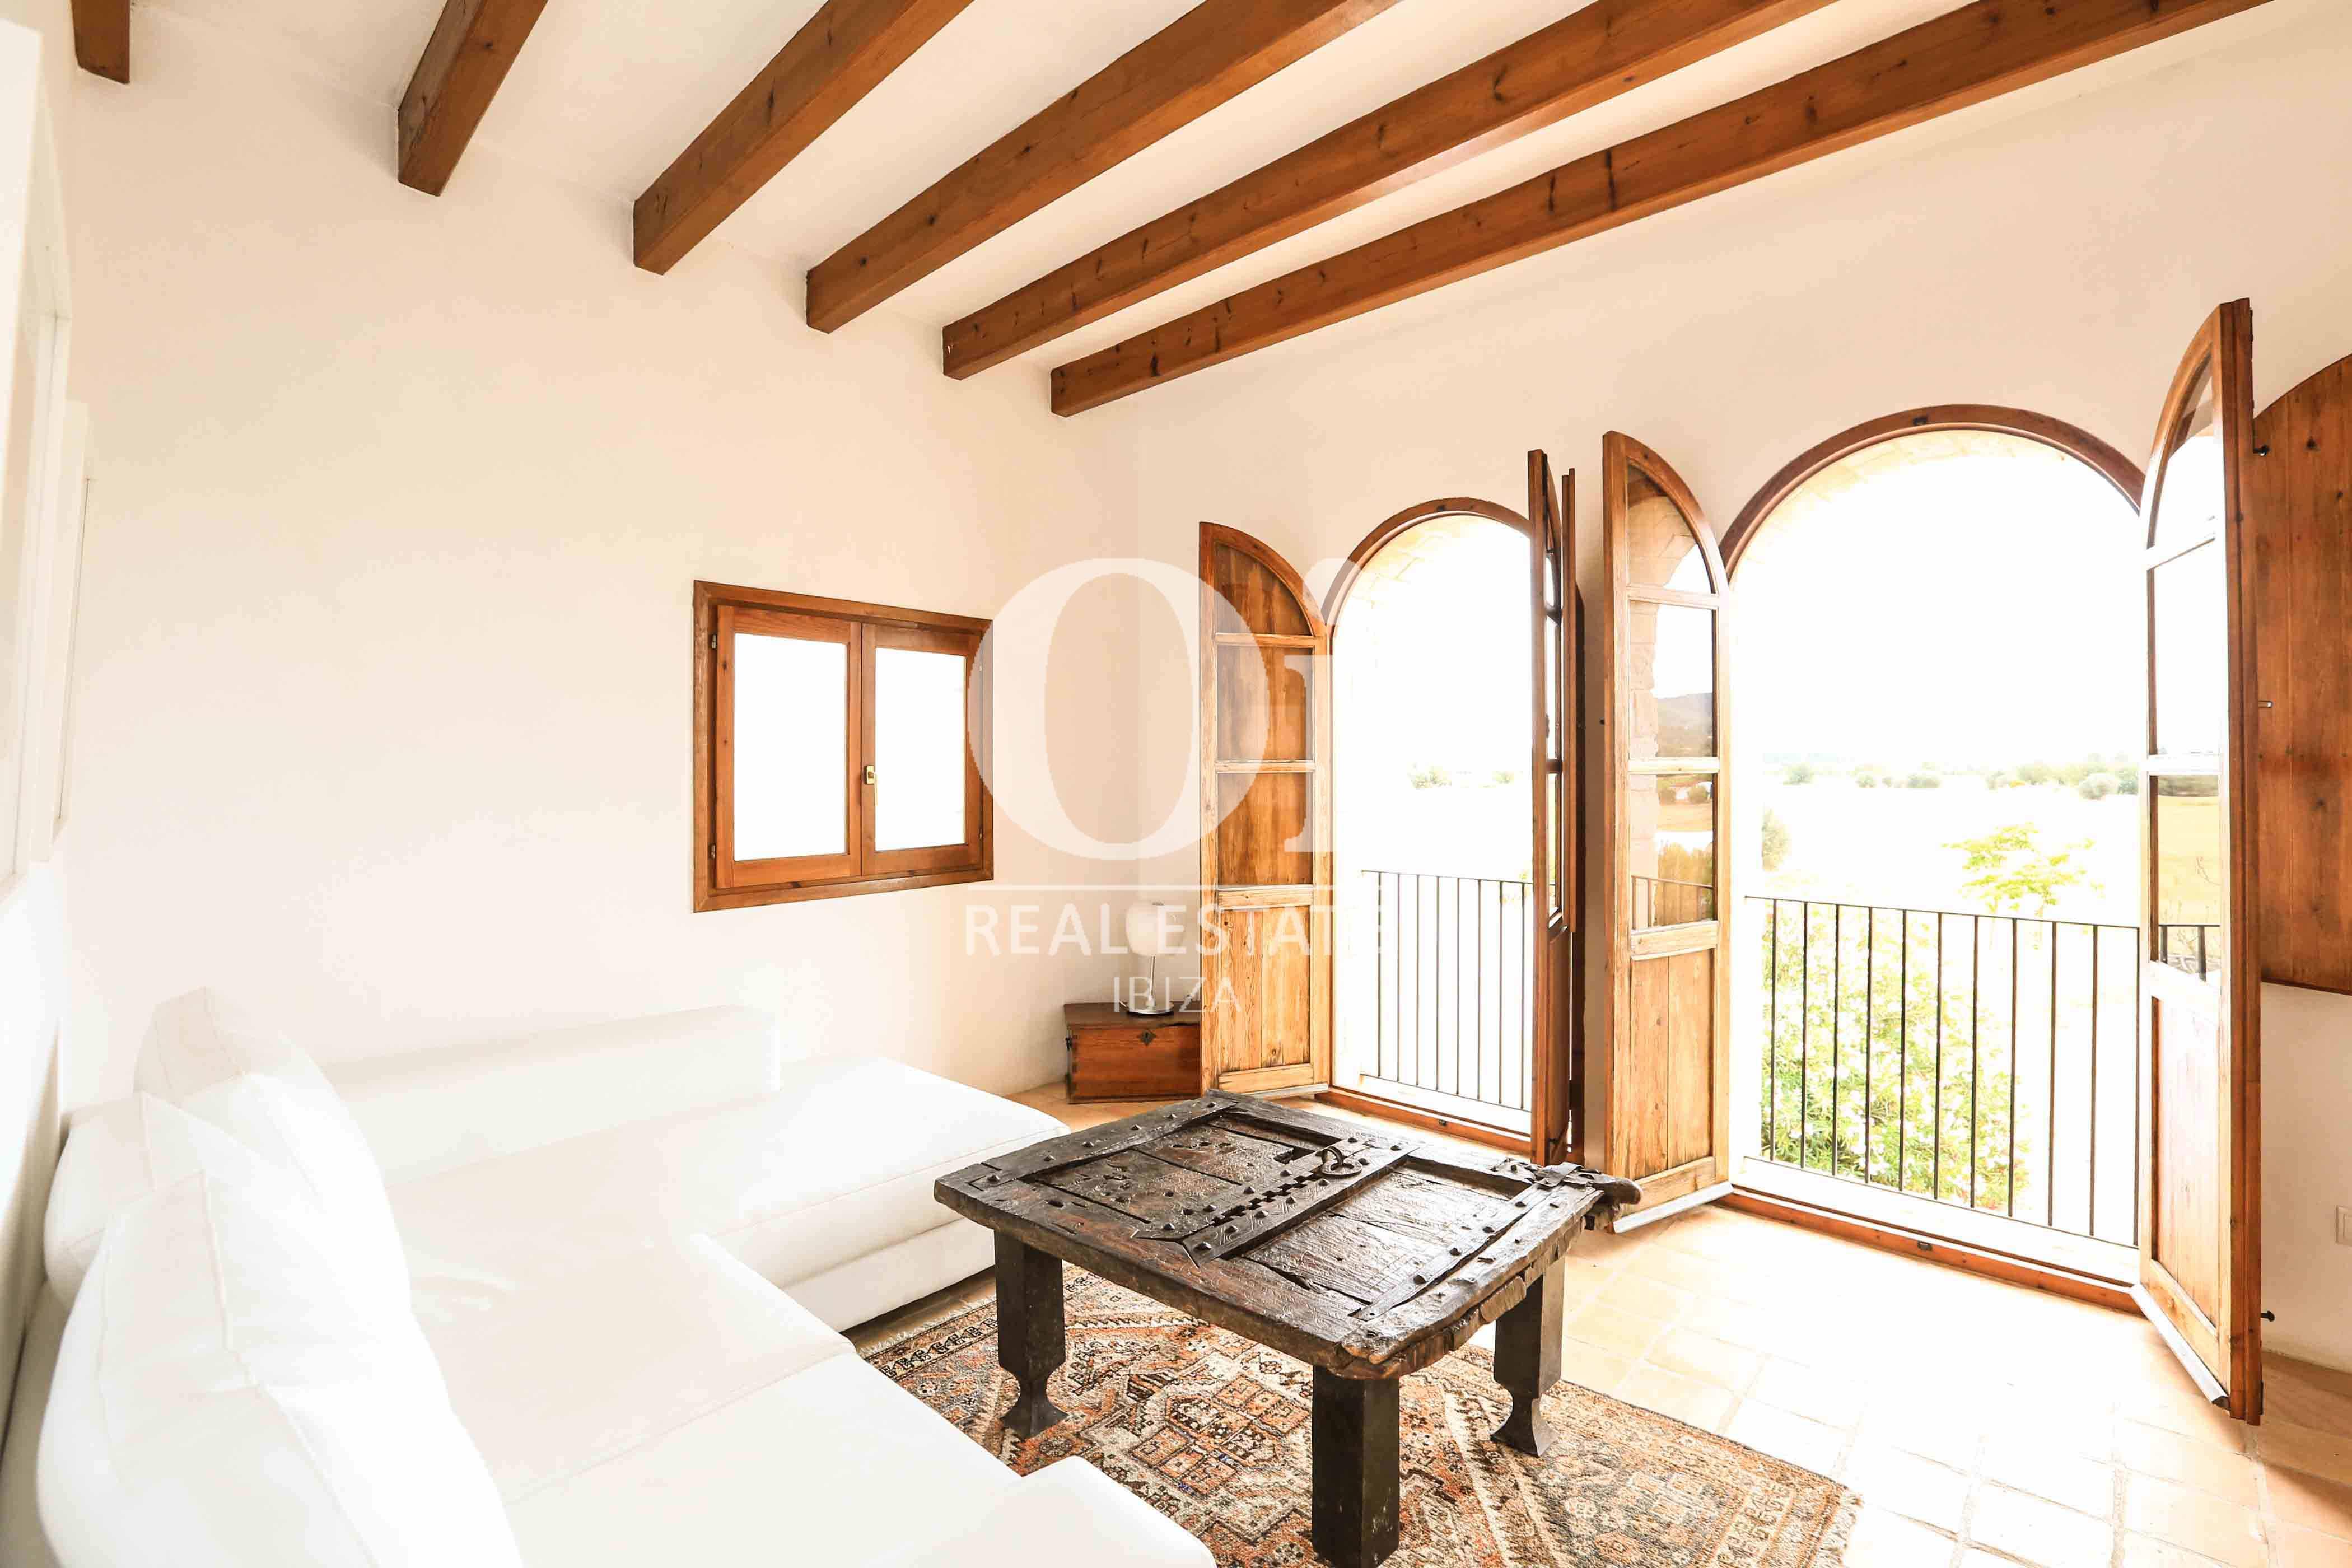 Salle de séjour de villa de séjour à Puig d'en Valls, Ibiza